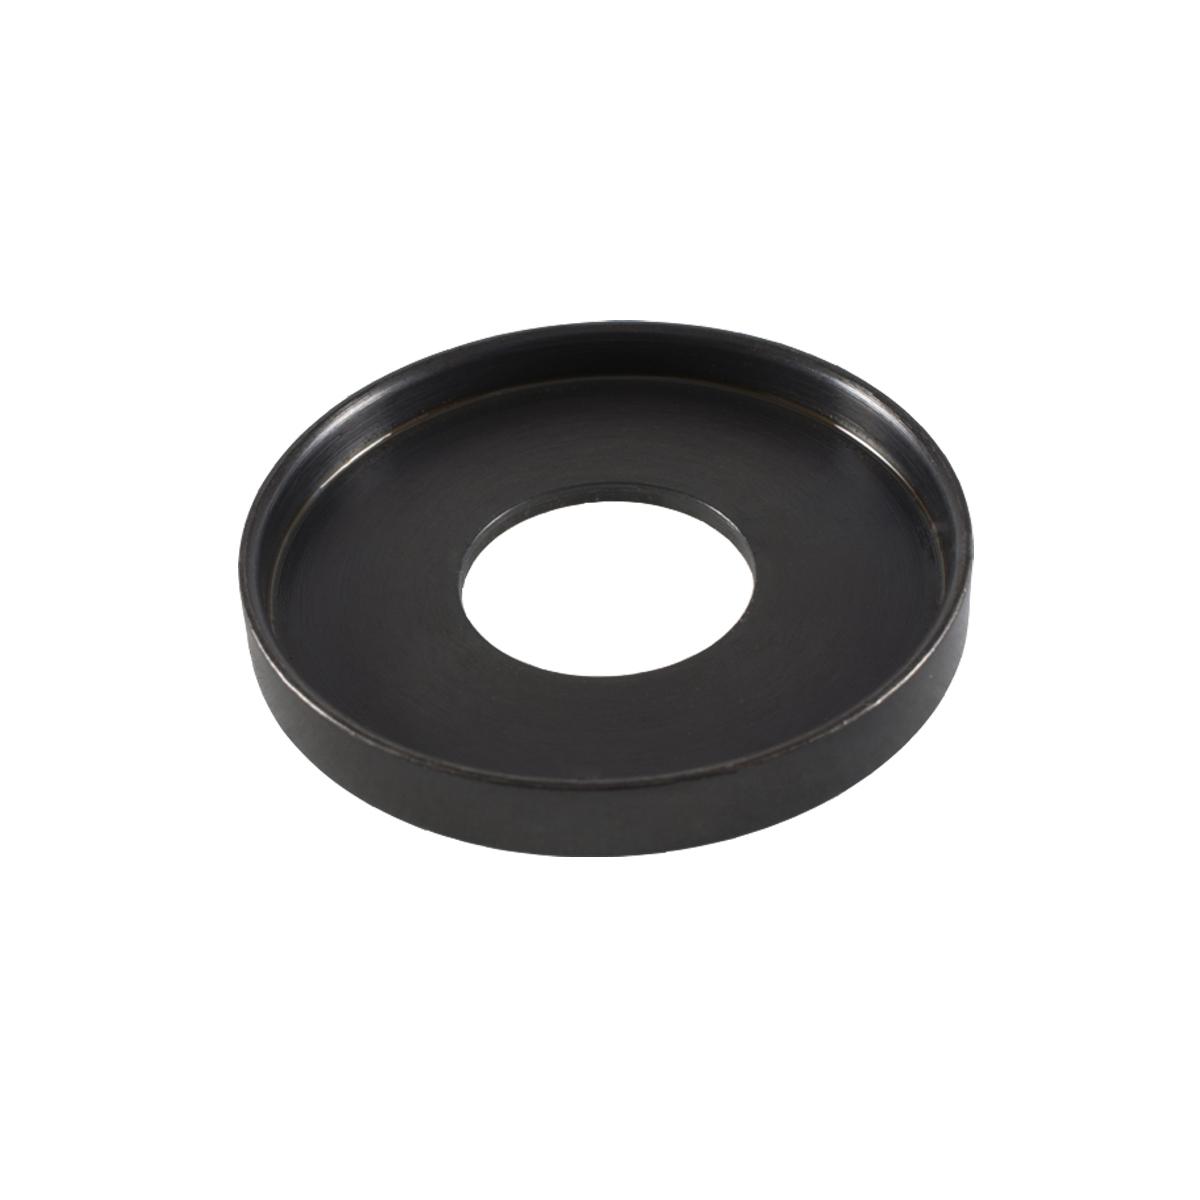 Standard Steel OD Locators (cups)